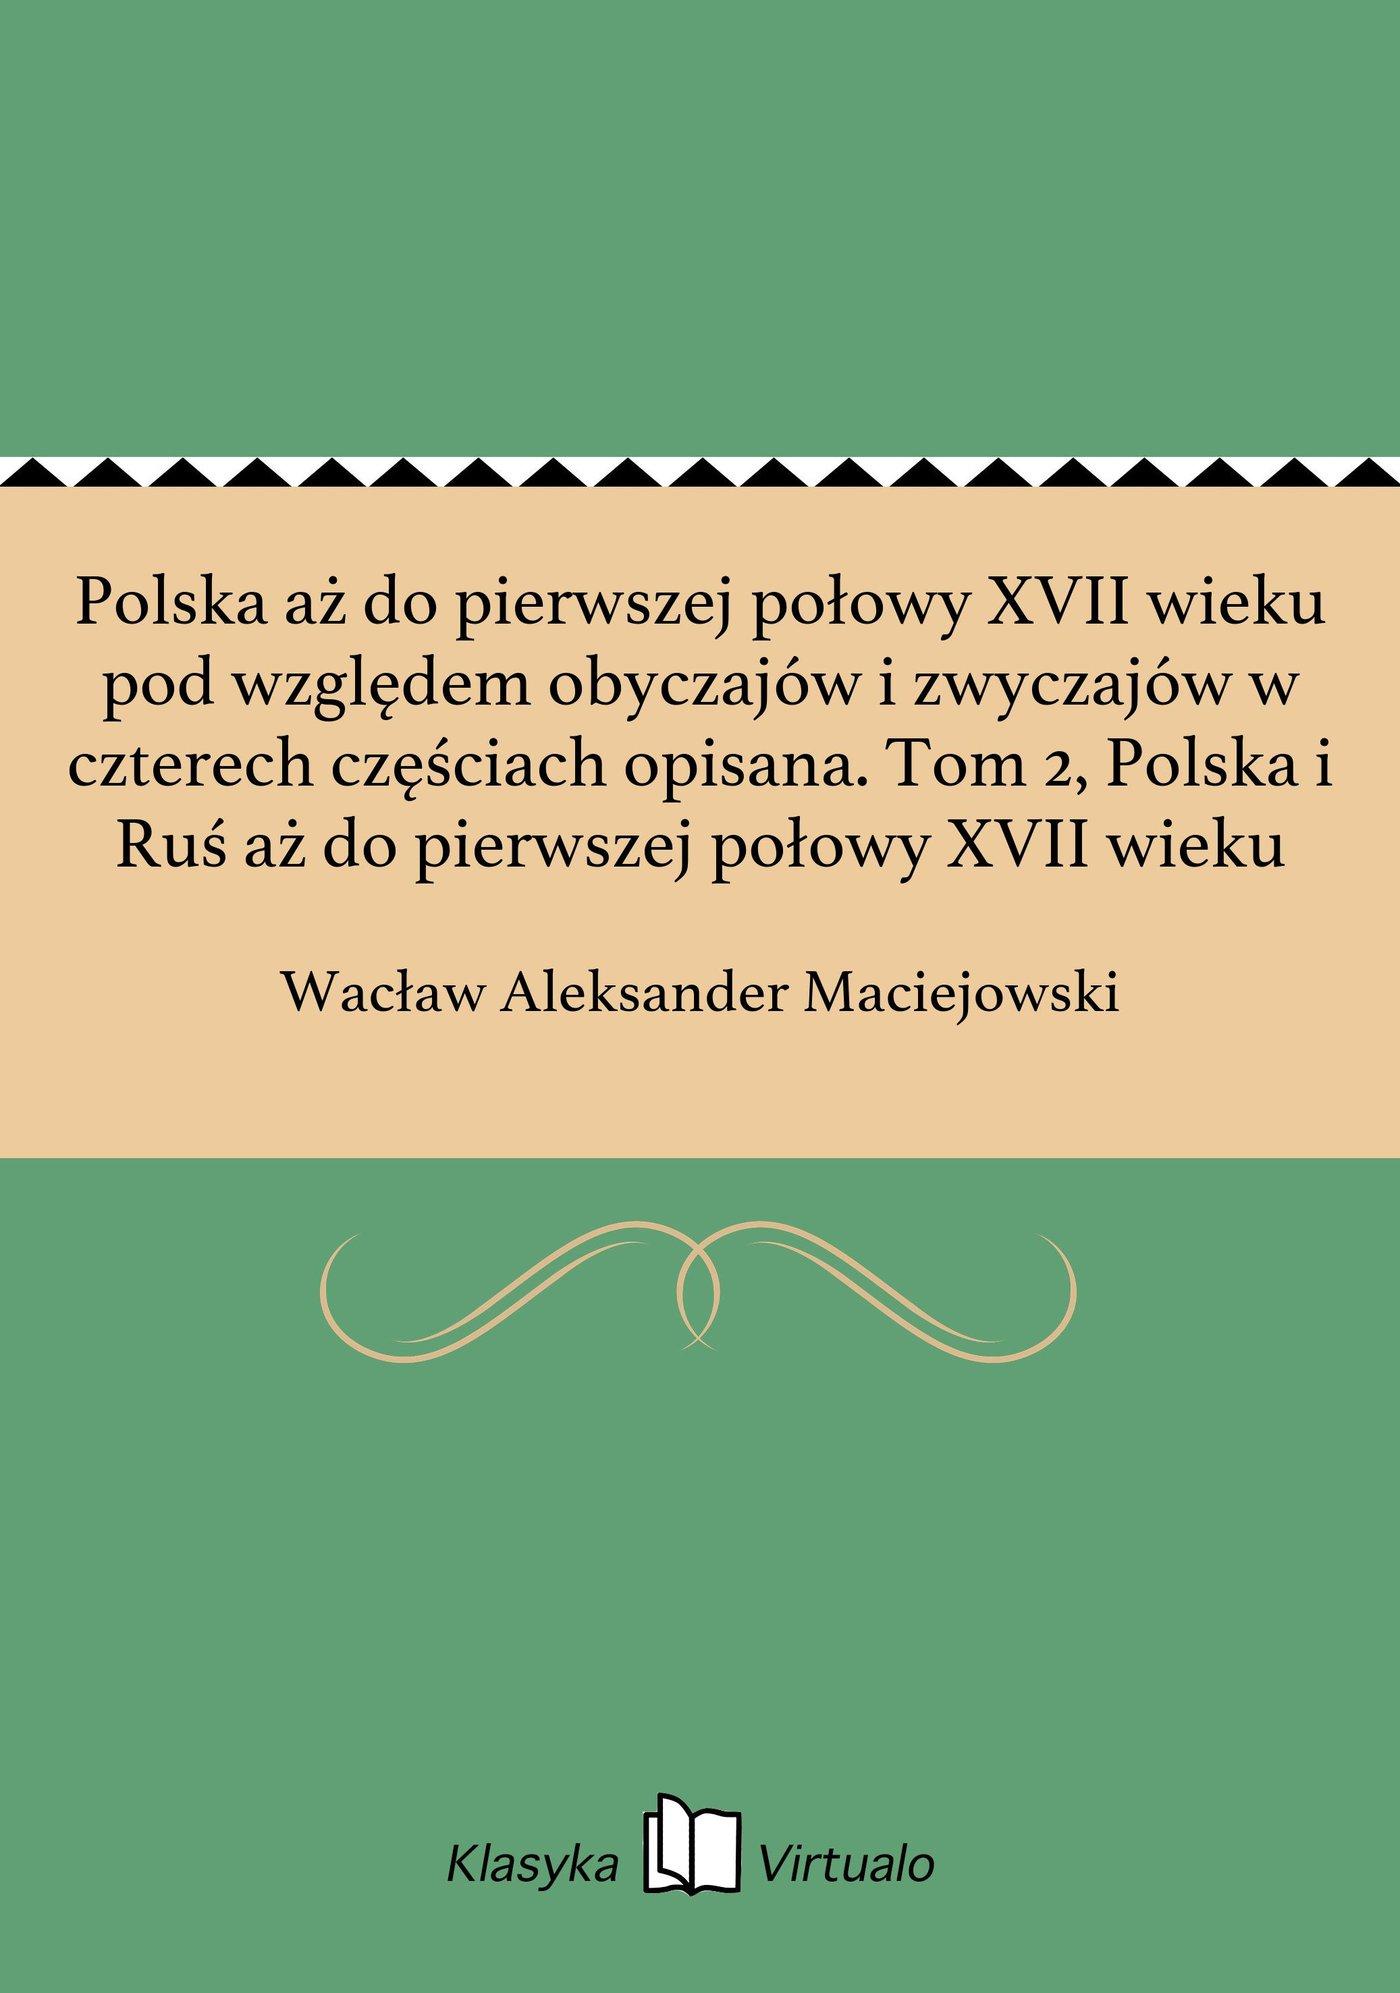 Polska aż do pierwszej połowy XVII wieku pod względem obyczajów i zwyczajów w czterech częściach opisana. Tom 2, Polska i Ruś aż do pierwszej połowy XVII wieku - Ebook (Książka EPUB) do pobrania w formacie EPUB